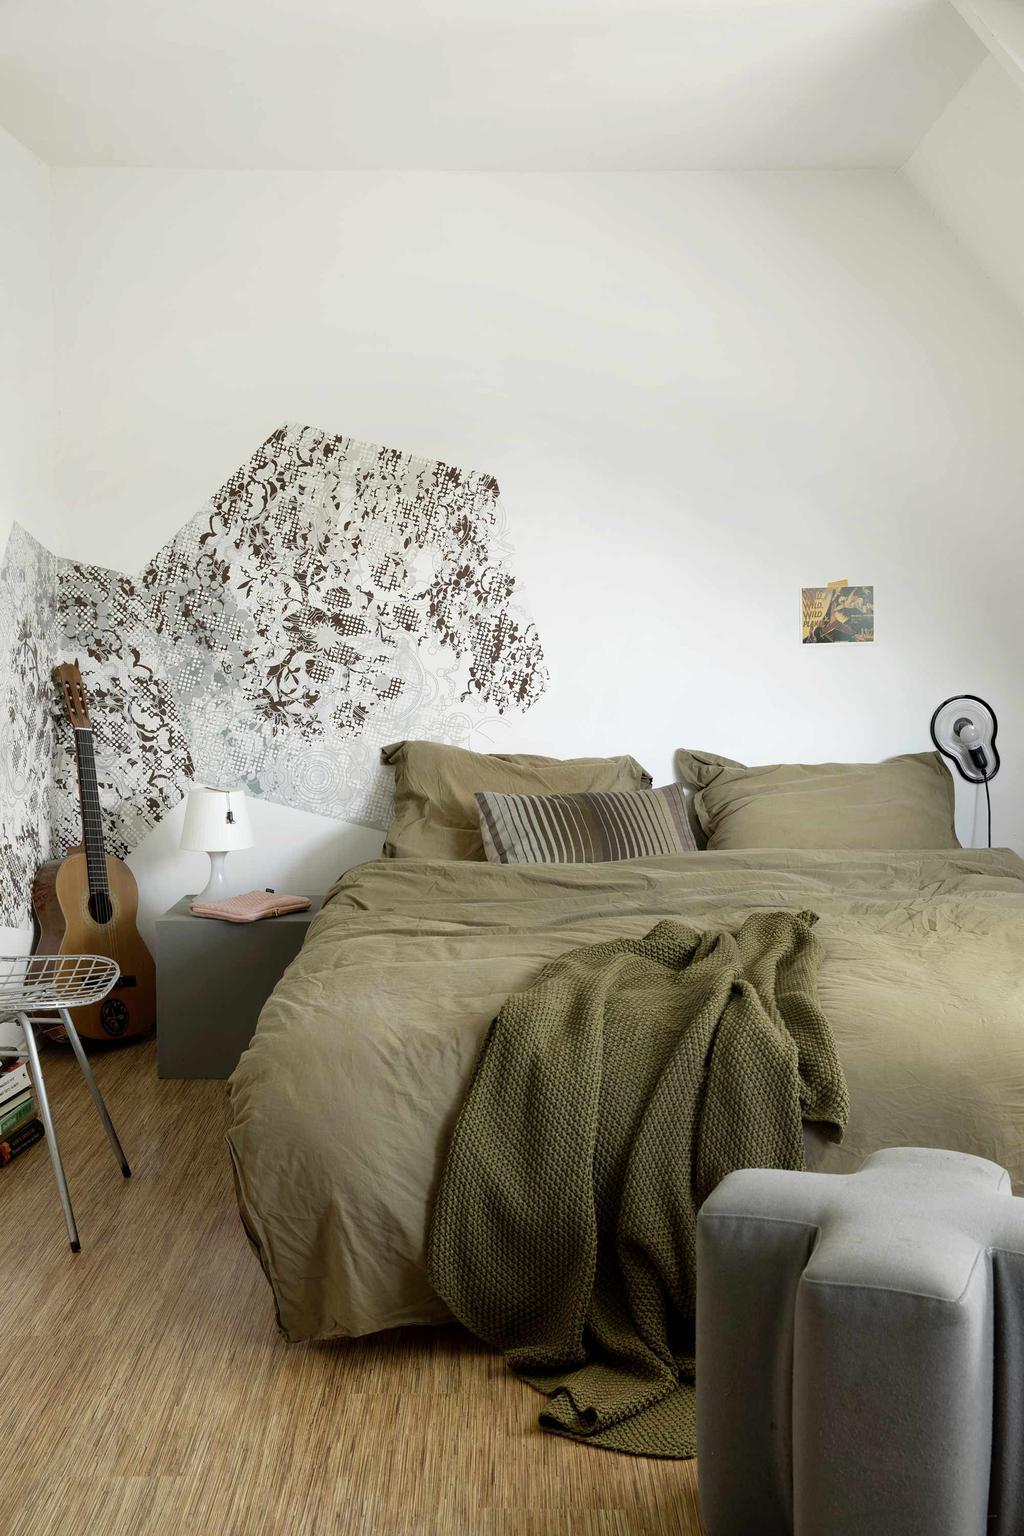 Slaapkamer met groen dekbed gitaar